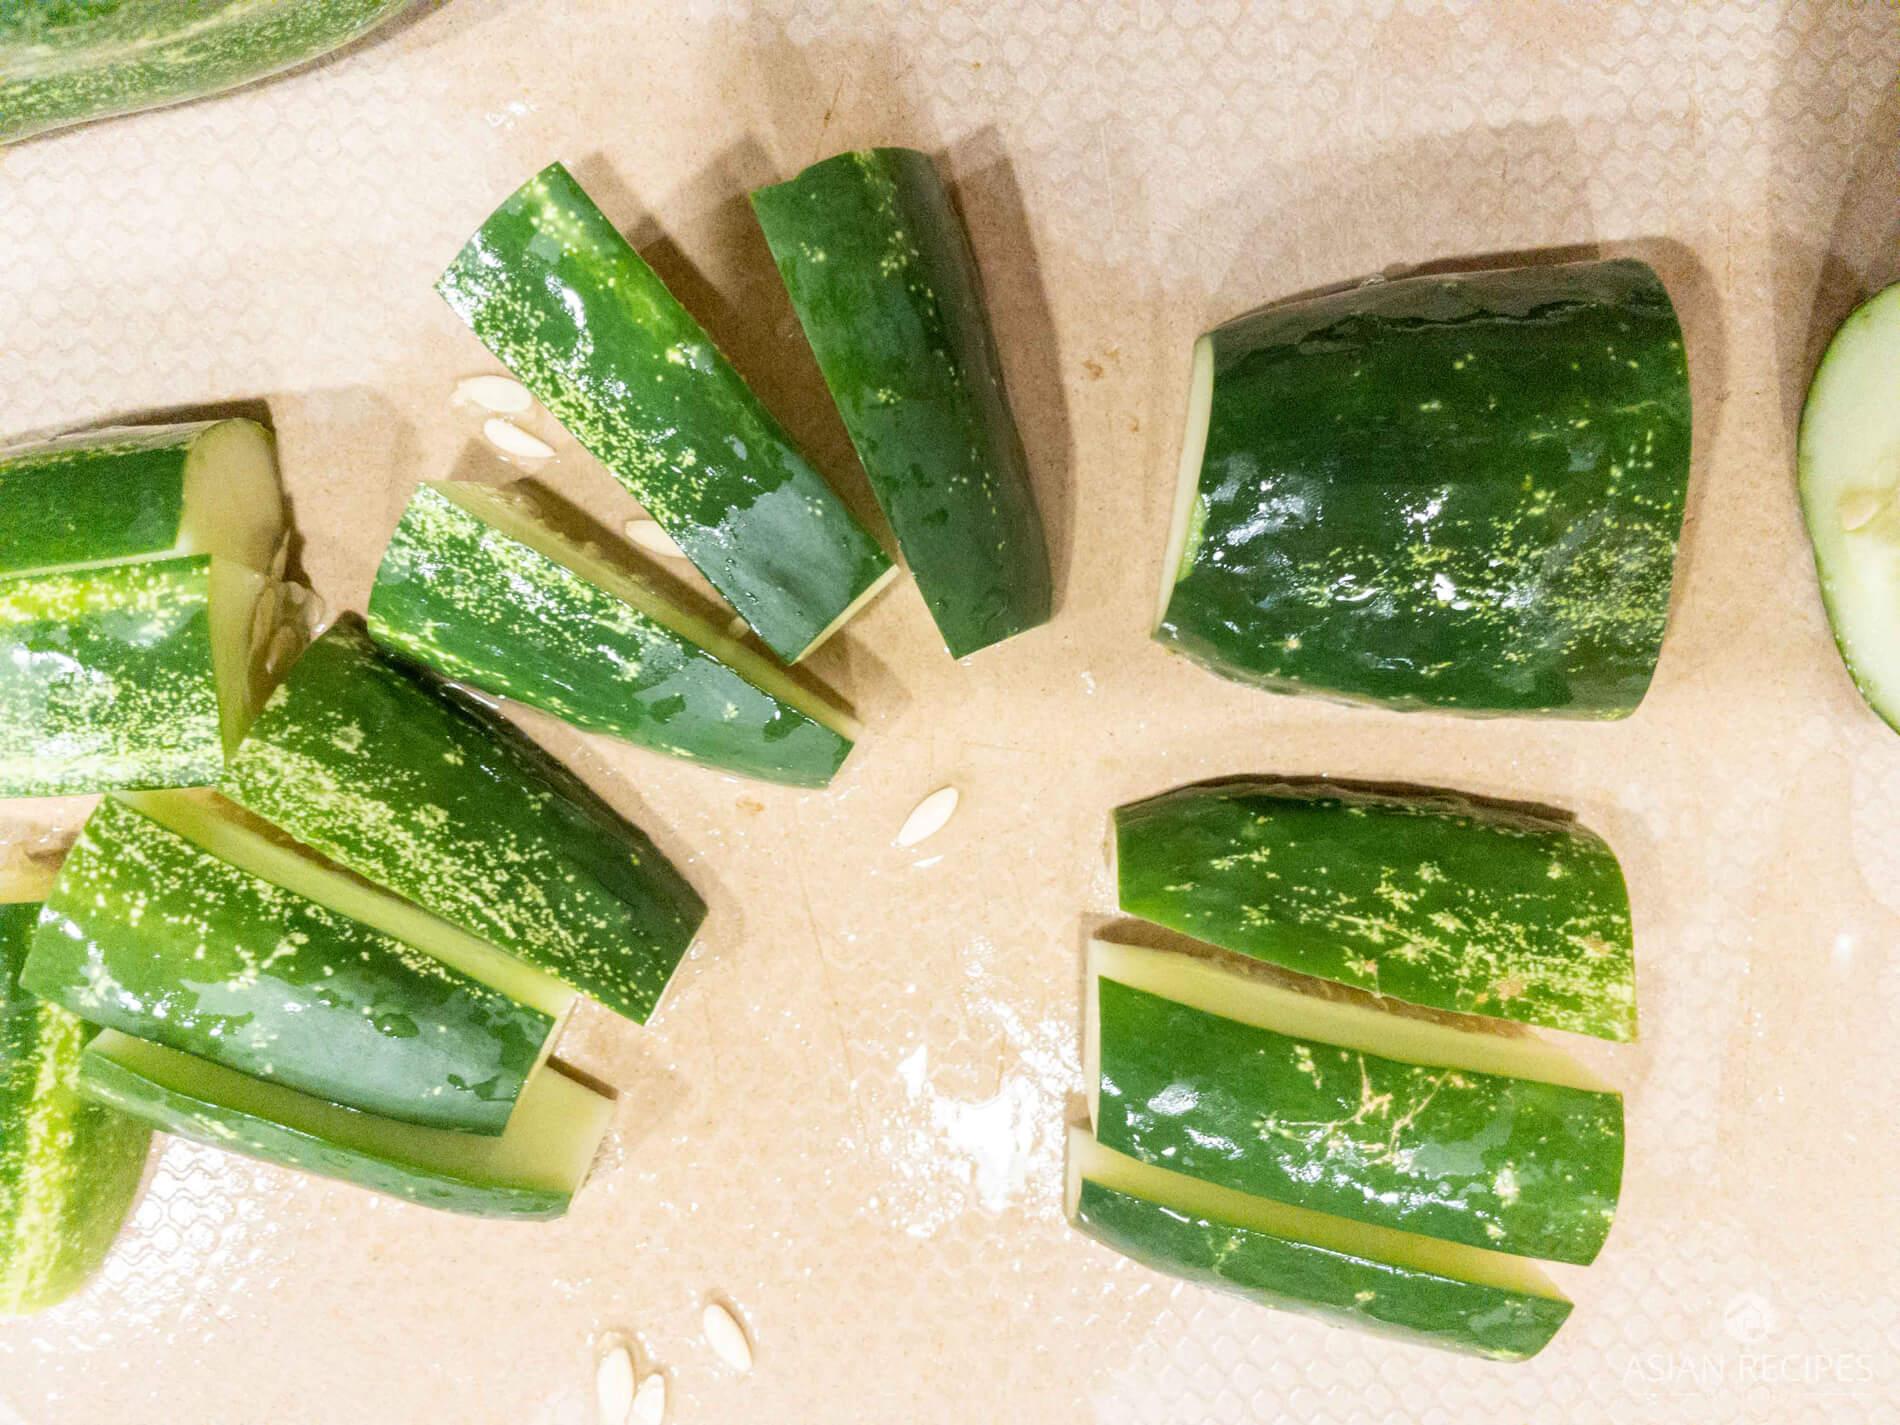 Cutting cucumbers for quick cucumber kimchi